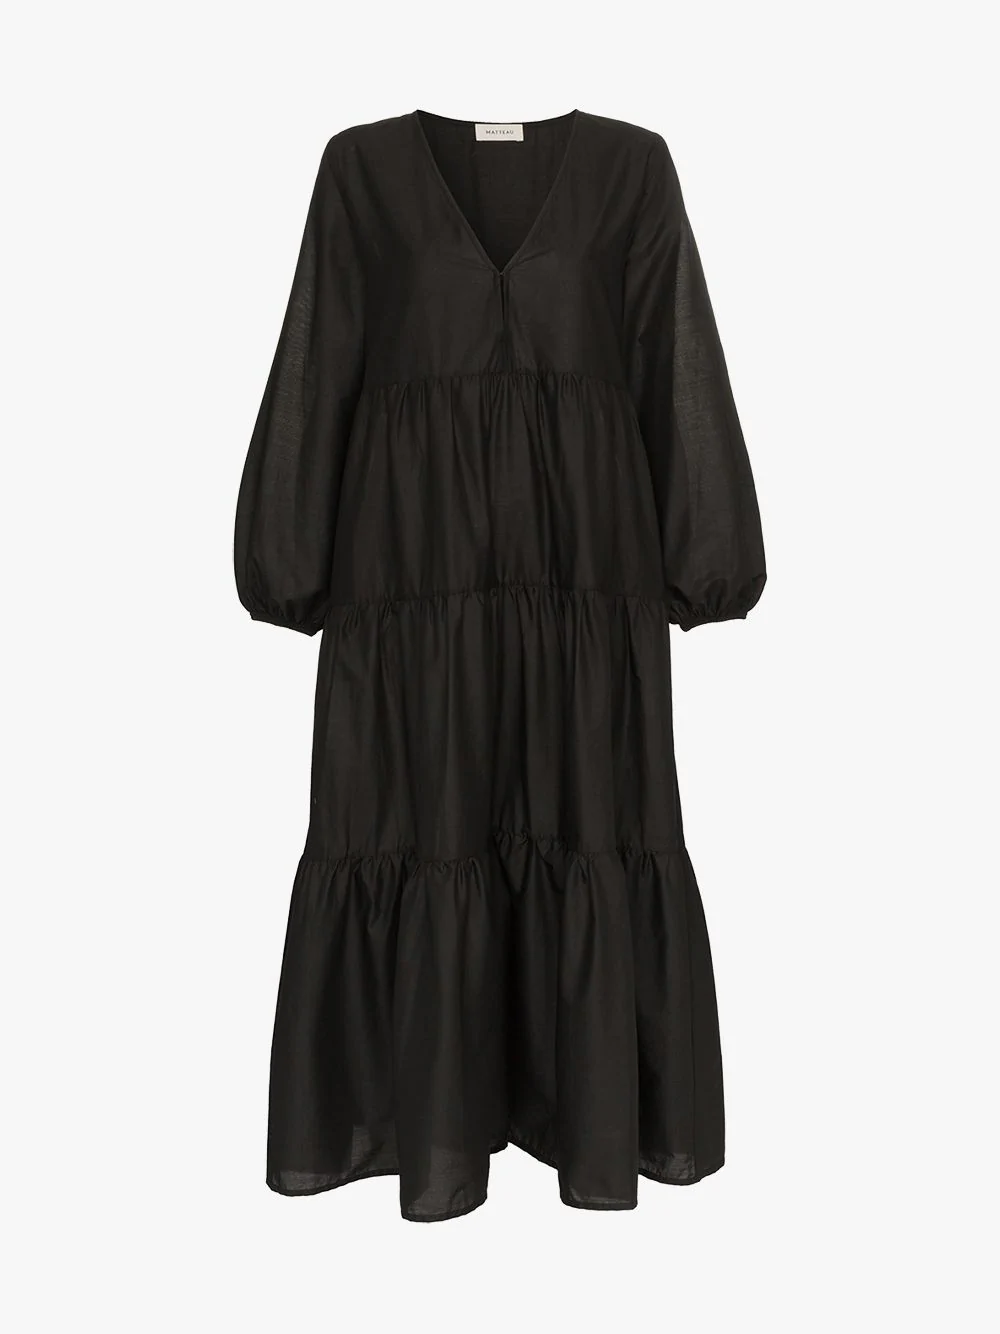 011147d2c37 Matteau Tiered Cotton Poplin Maxi Dress - Black